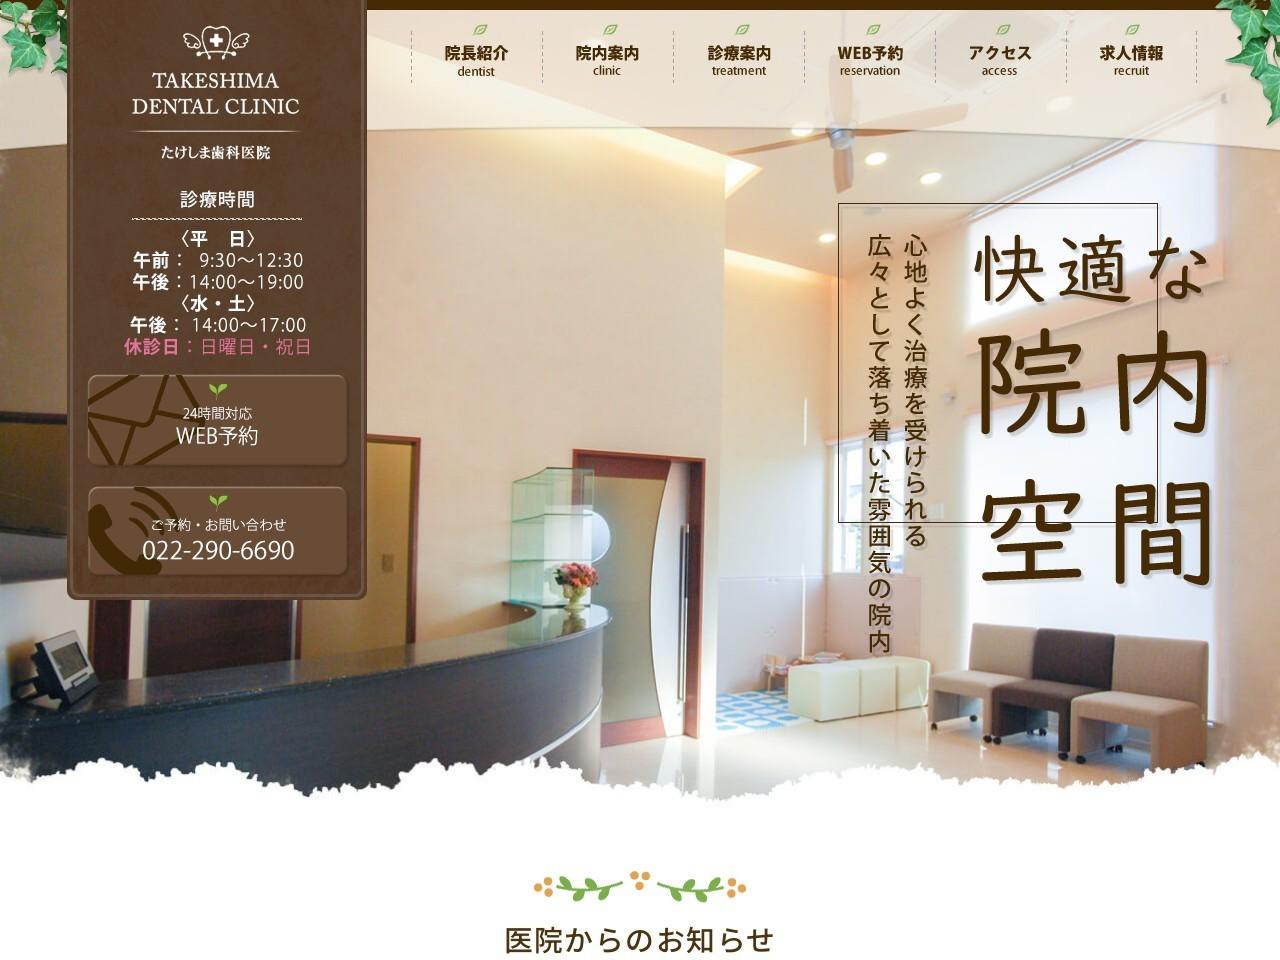 たけしま歯科医院 (宮城県仙台市若林区)